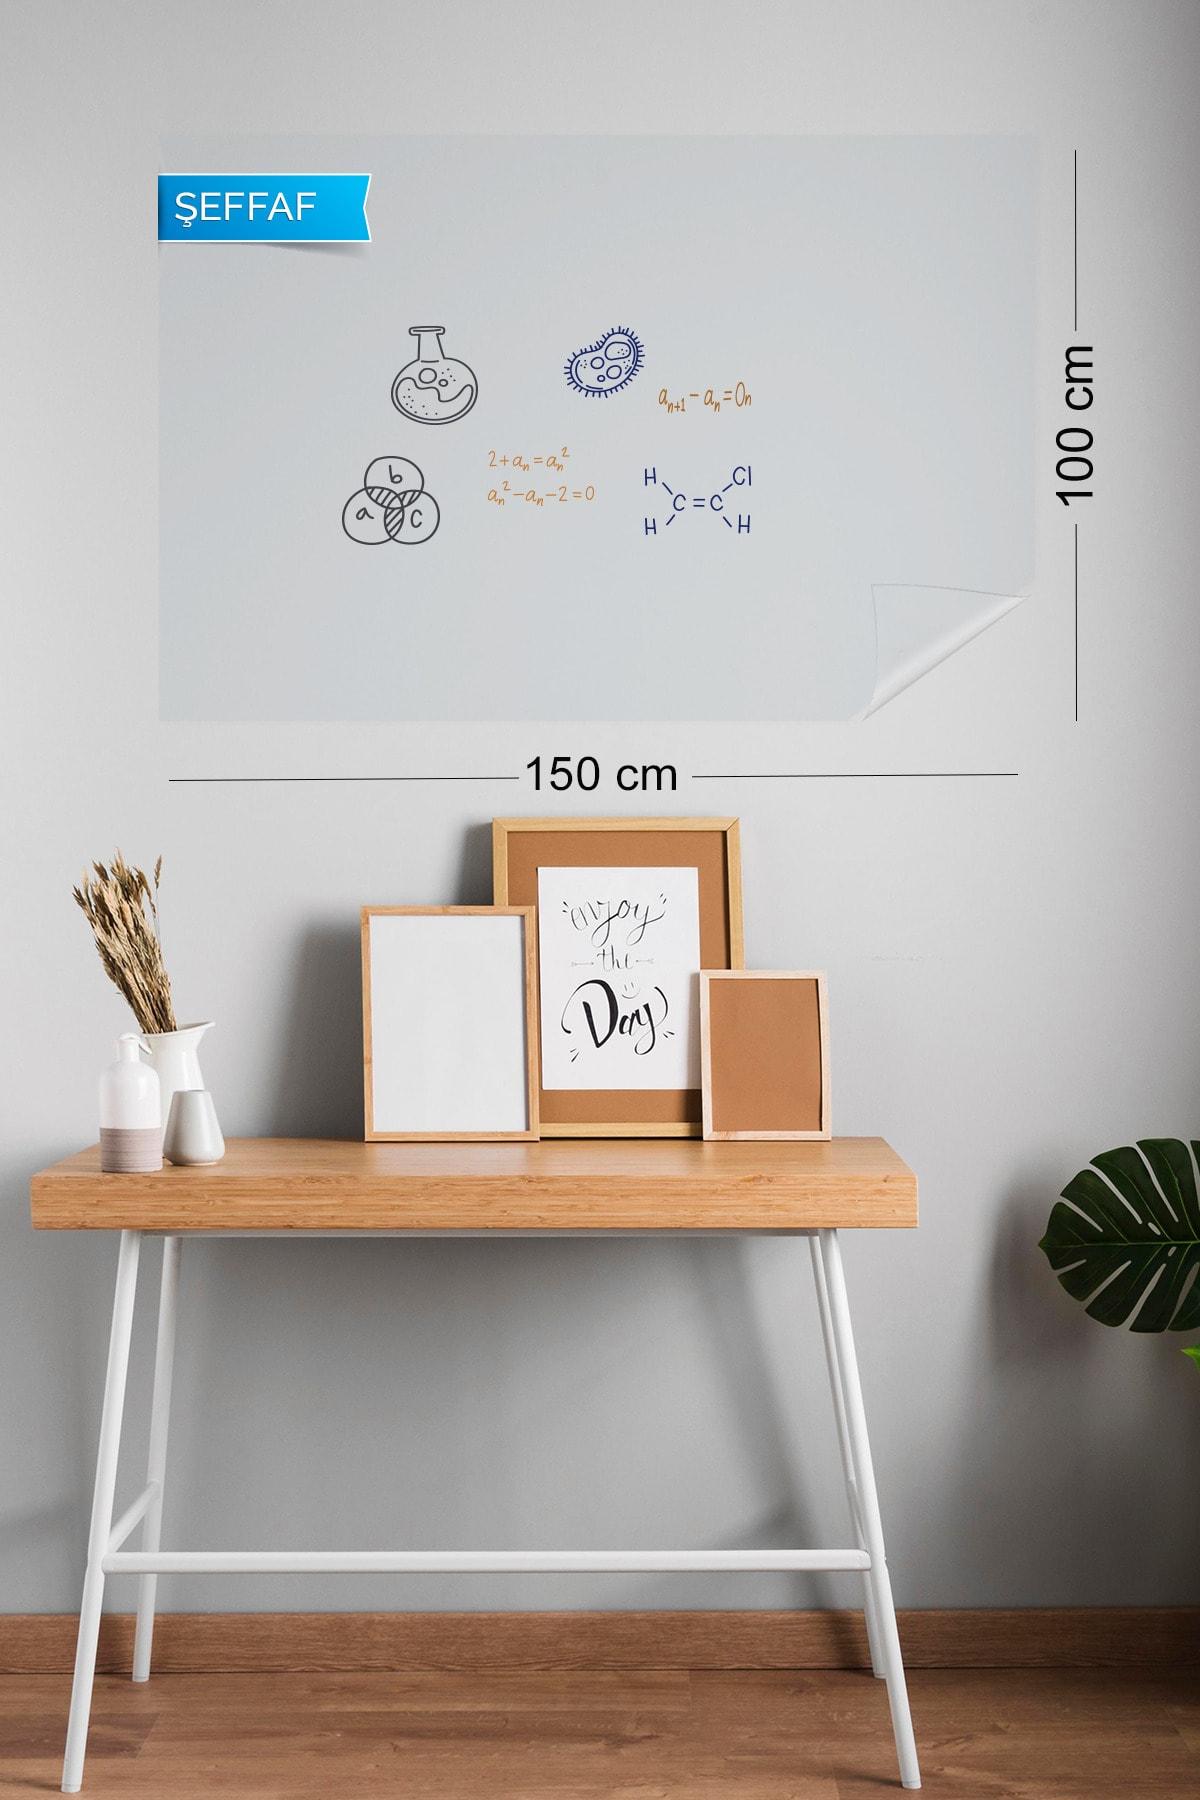 Evbuya 100x150 cm Şeffaf Yapışkansız Statik Tutunabilir Akıllı Kağıt Tahta 2 Adet 1